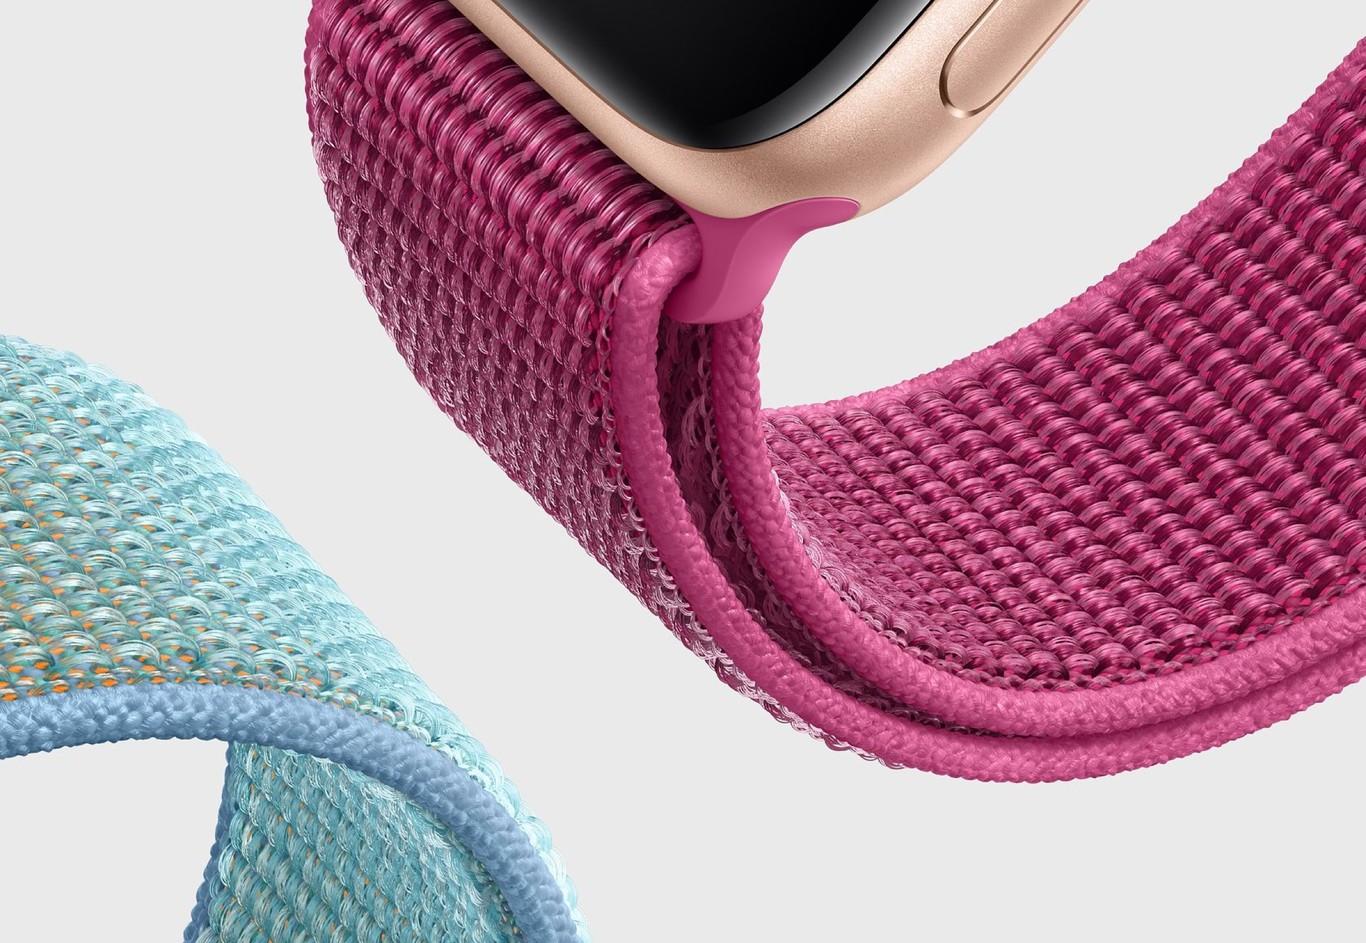 Apple pone a la venta nuevas correas para el Apple Watch: estos son los nuevos colores y modelos